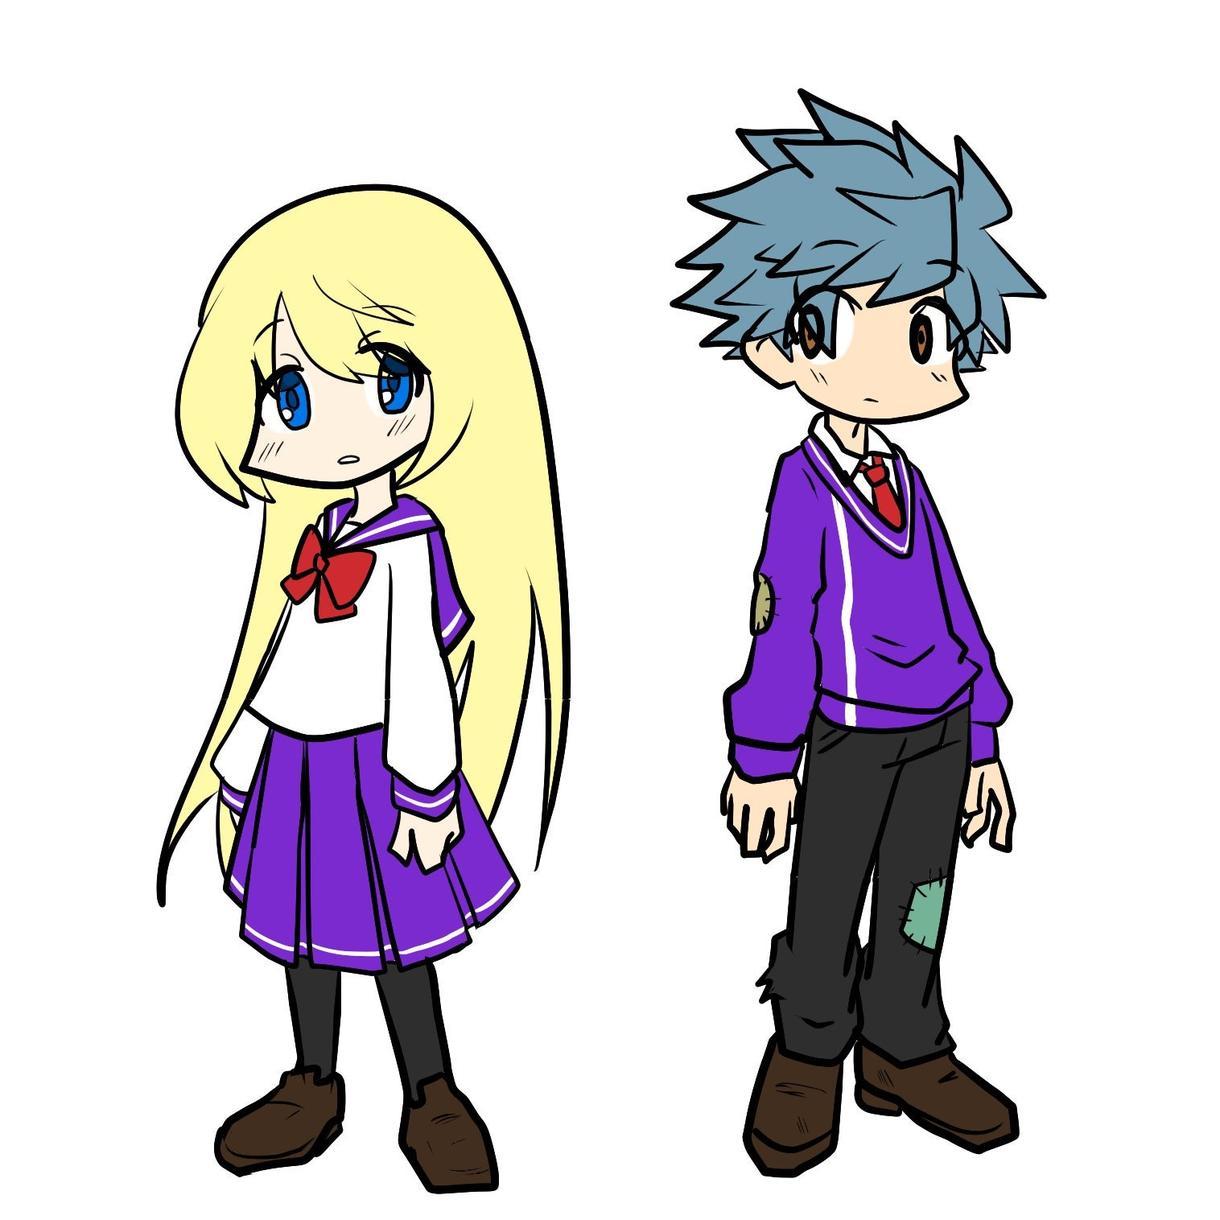 ポップなイラストでキャラクターのみ描きます 正方形の中にキャラクターをバストアップで描きます